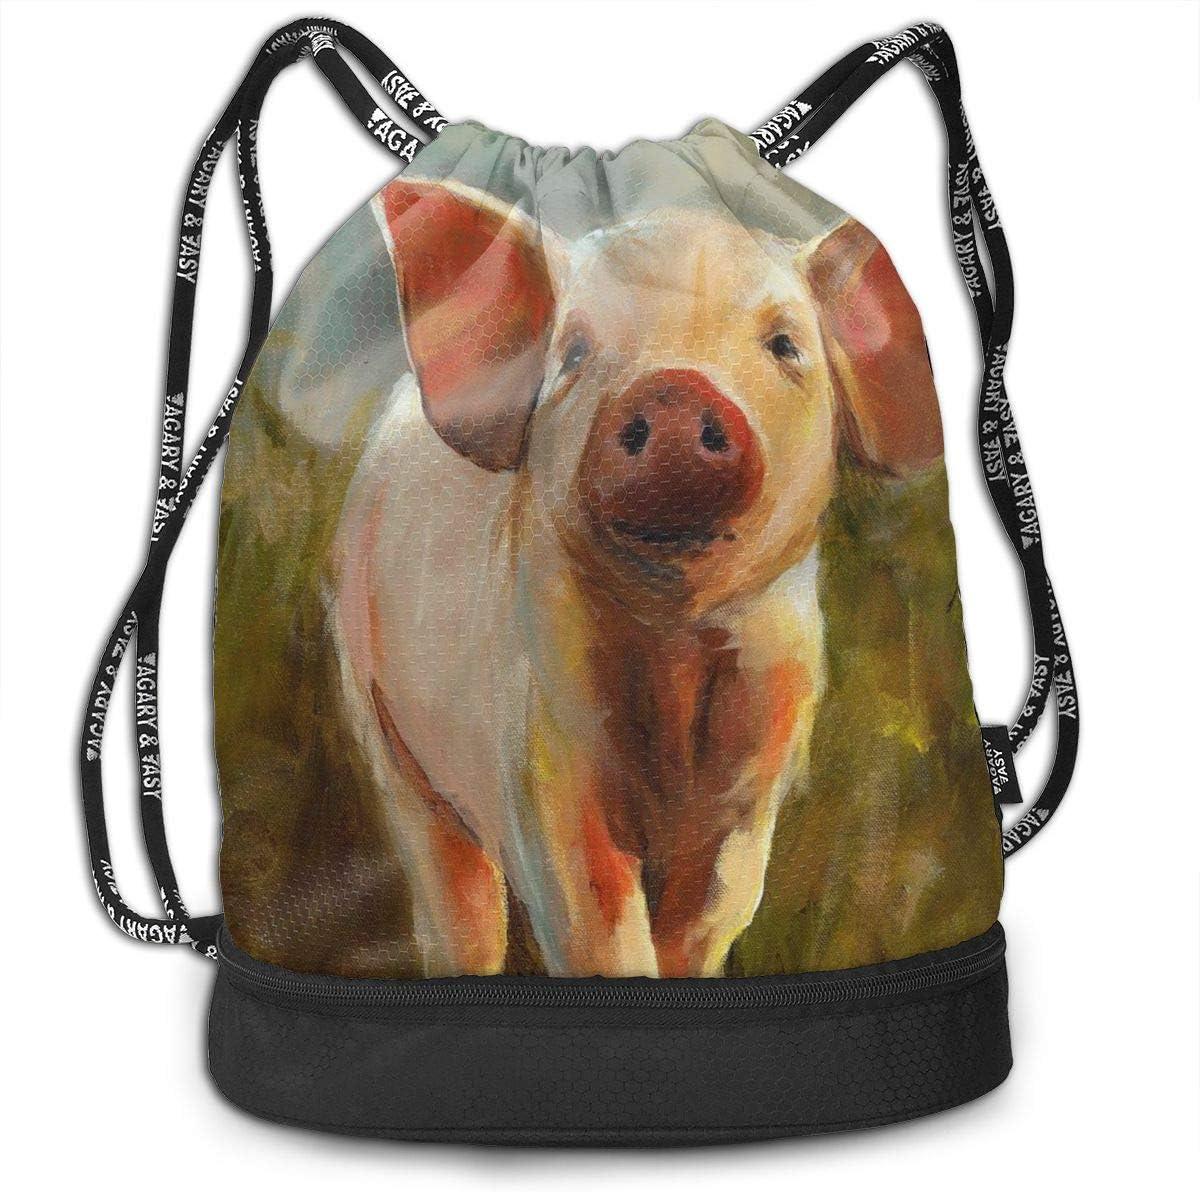 Leila Marcus Mochila con cordón, Bolsas de Cuerda, Pintura de Cerdo, Almacenamiento a Granel para Gimnasio, trelling, Senderismo